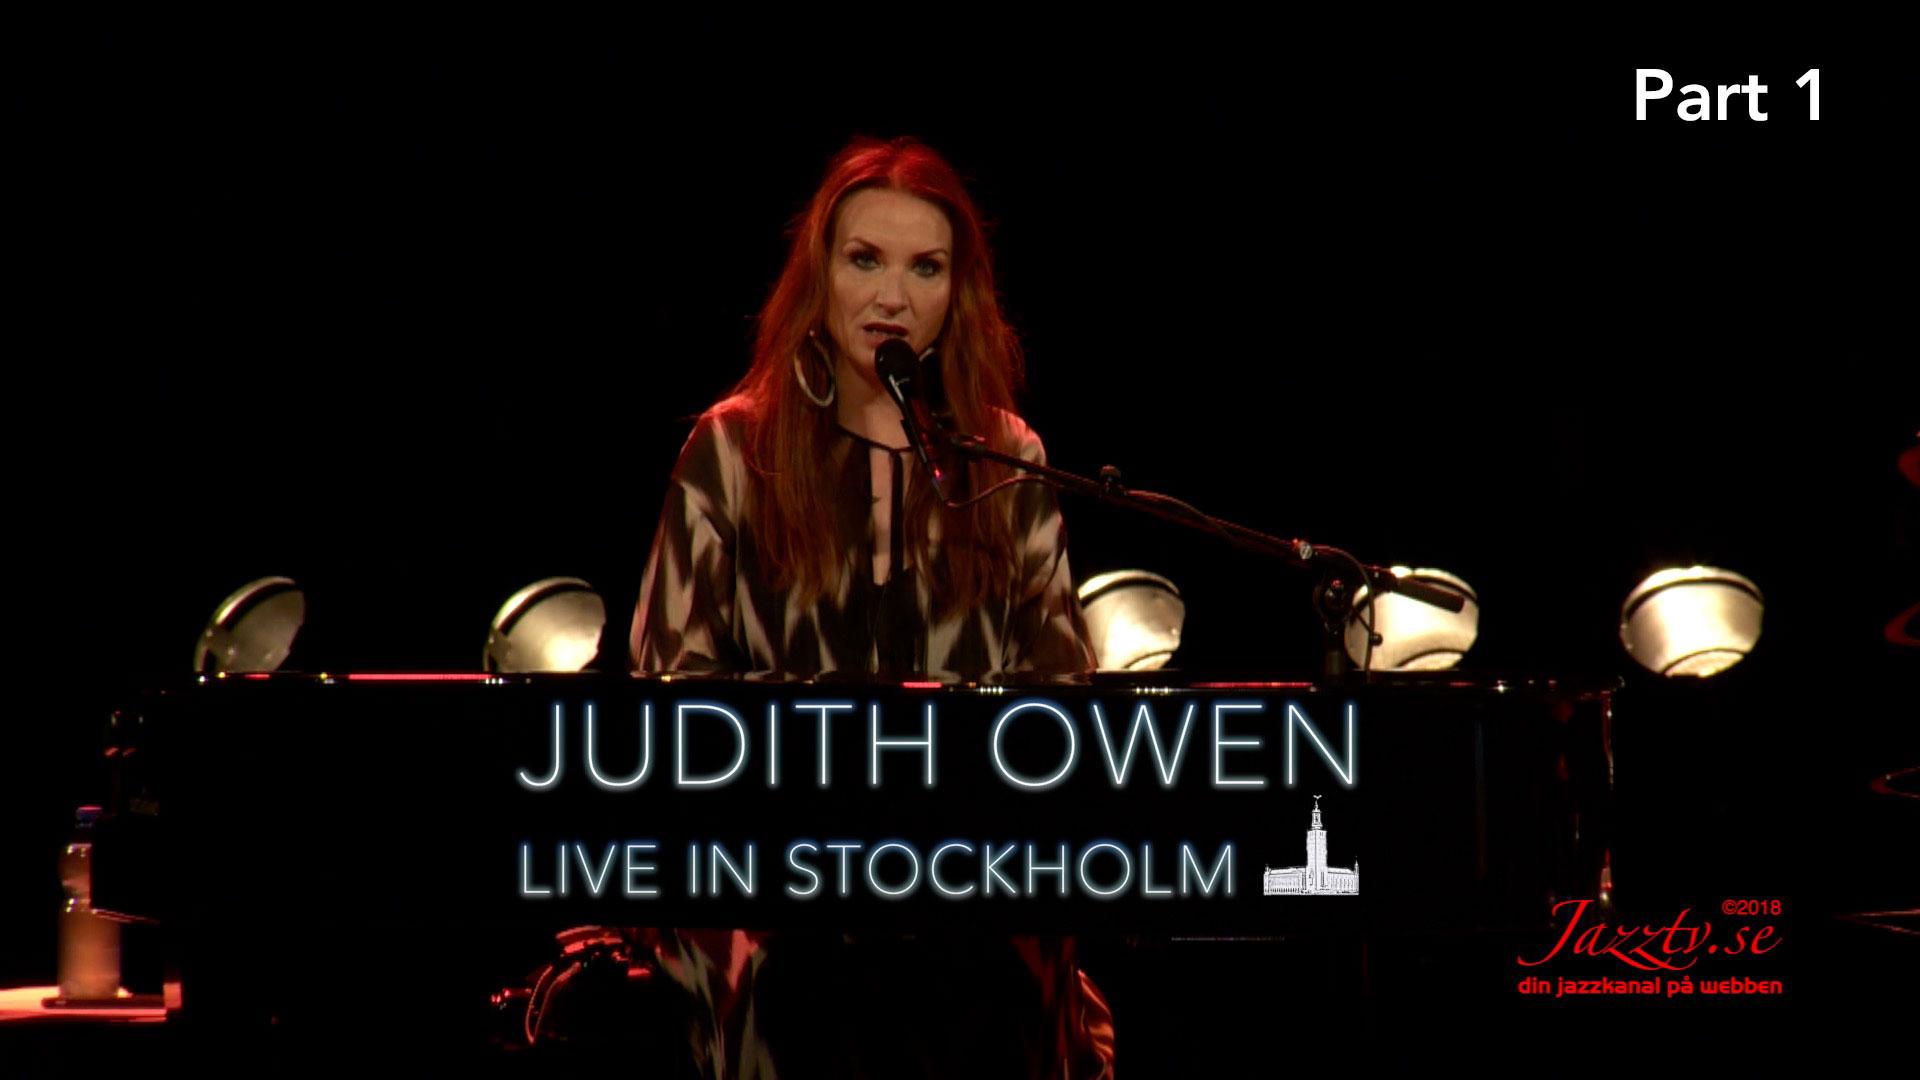 Judith Owen - Live in Stockholm